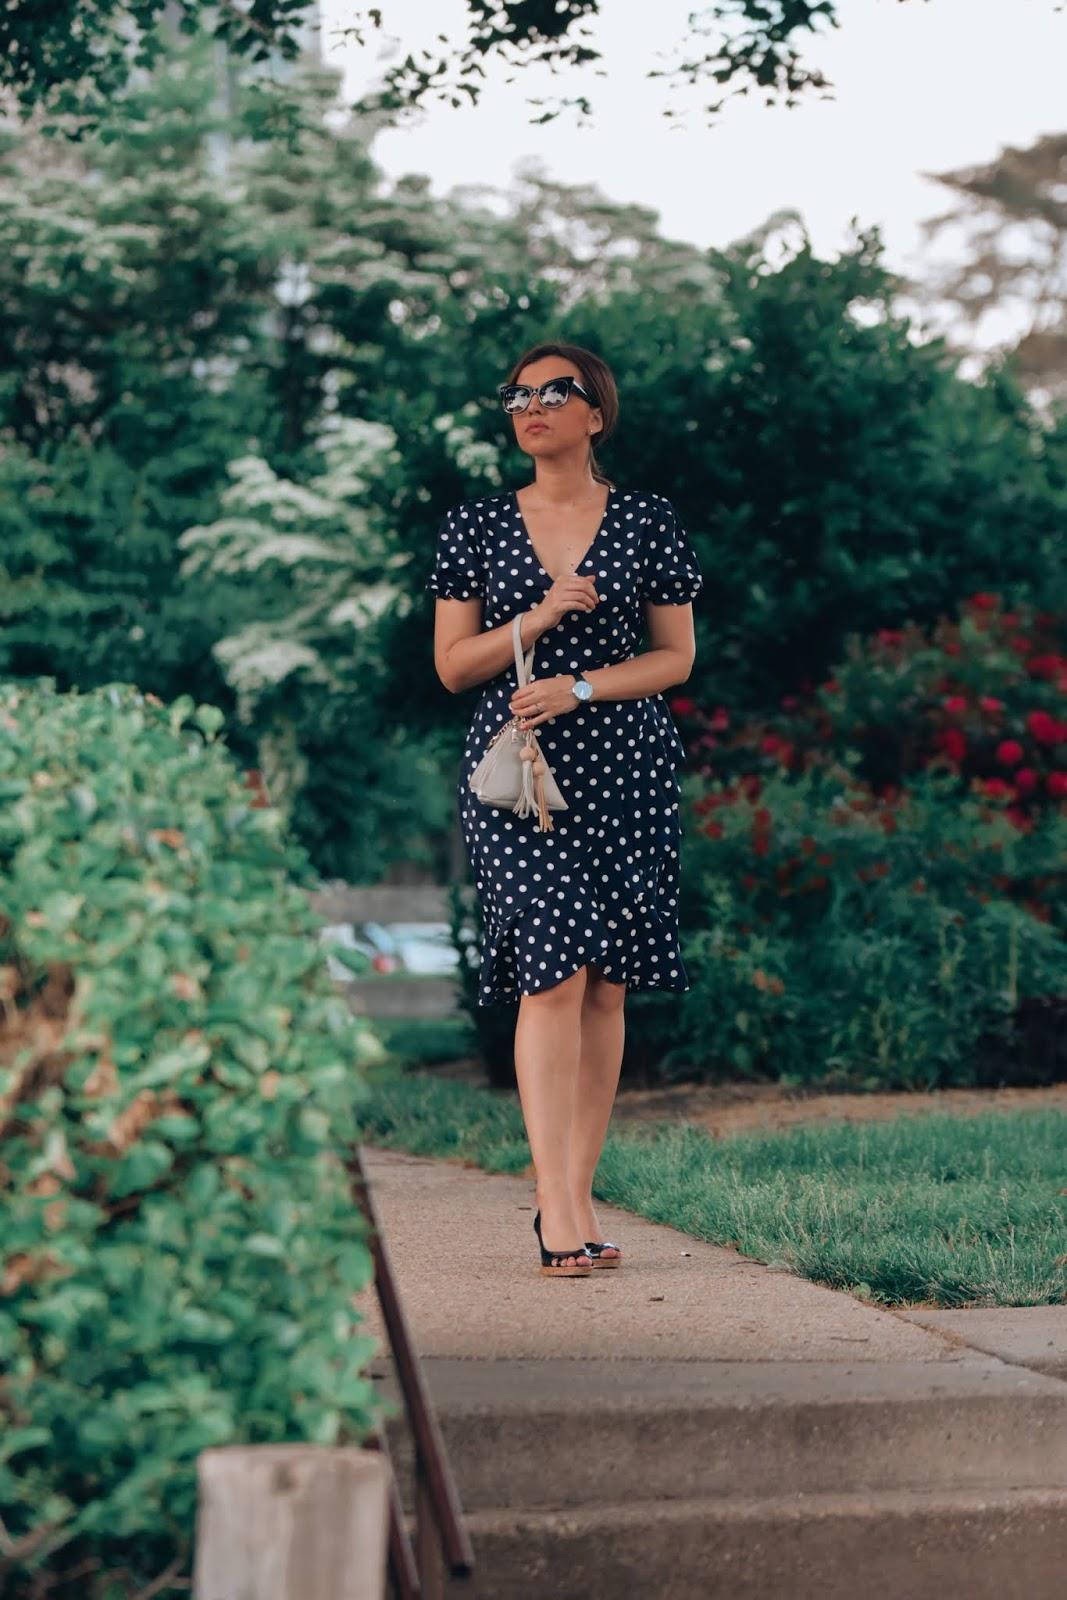 Outfit De Verano Utilizando Un Vestido De Lunares-mariestilo-como crear outfits desde cero-como crear outfits-vestir bien con poco dinero-como verte siempre arreglada-dcblogger-polka dot dress-